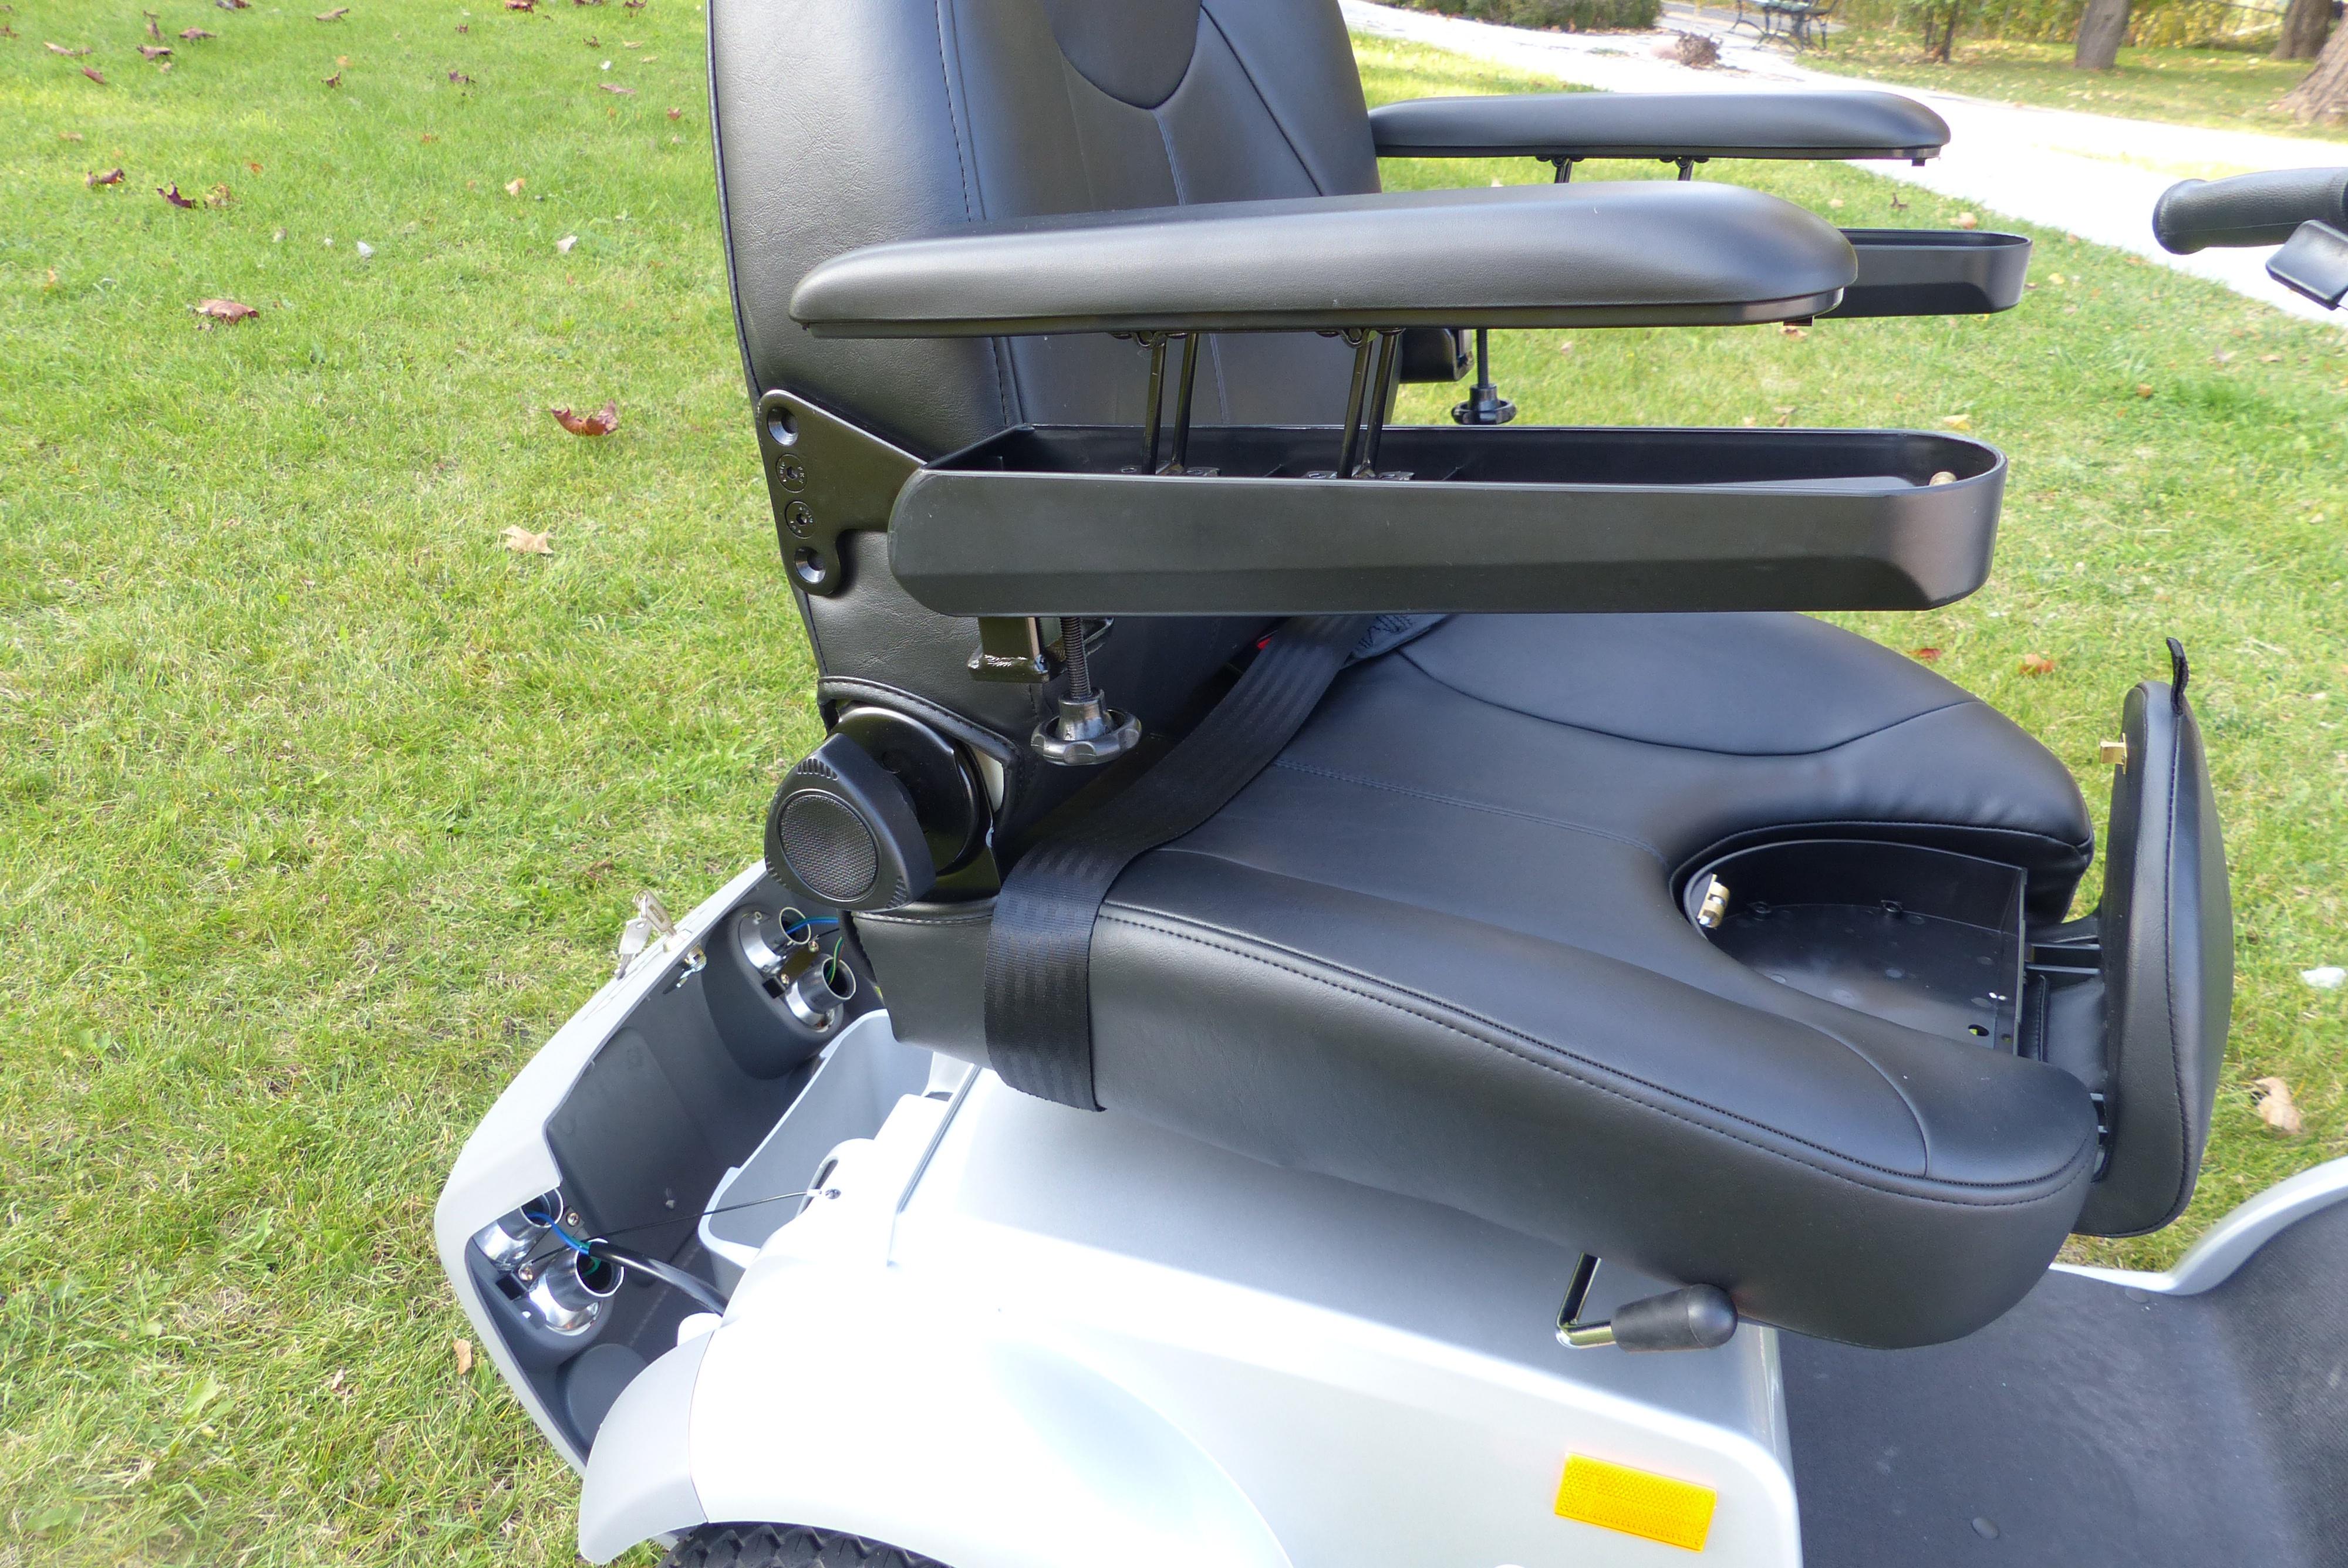 Cityliner 415 2.664 wózek elektryczny dla osób niepełnosprawnych